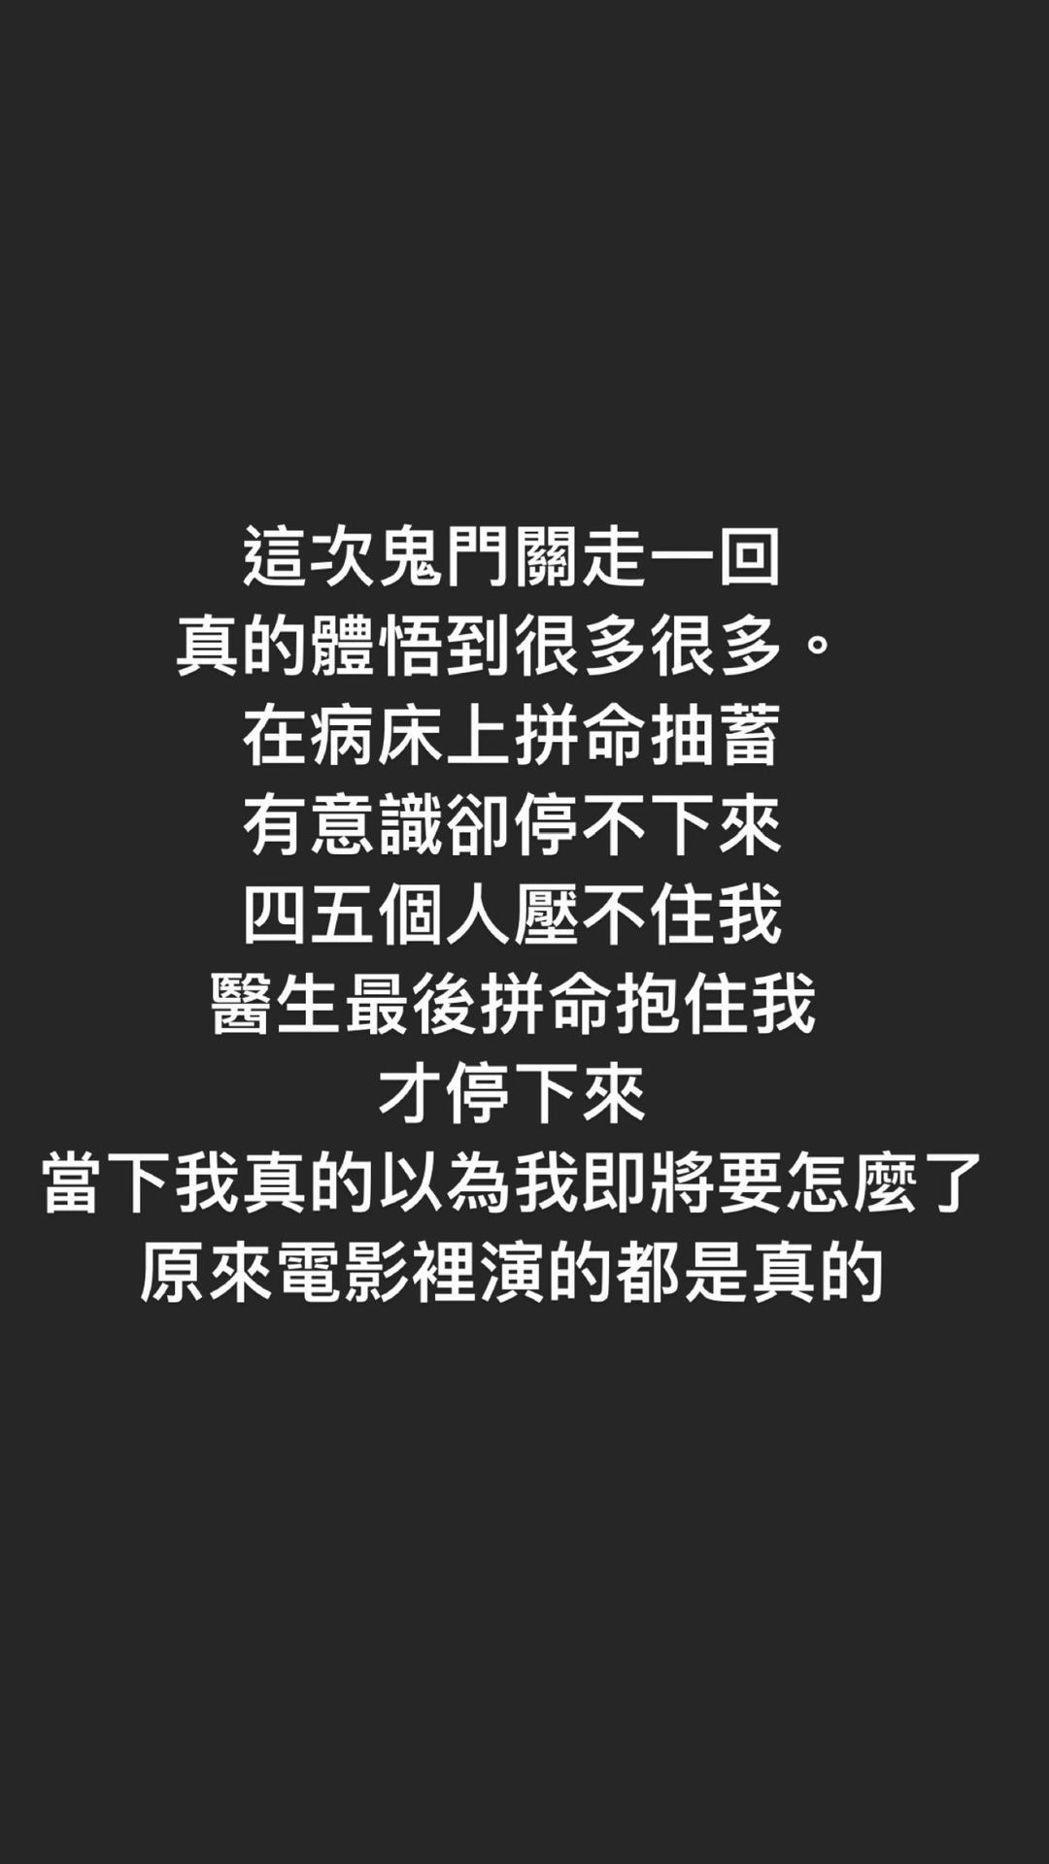 孫生吐露身體健康狀況。 圖/擷自孫生IG